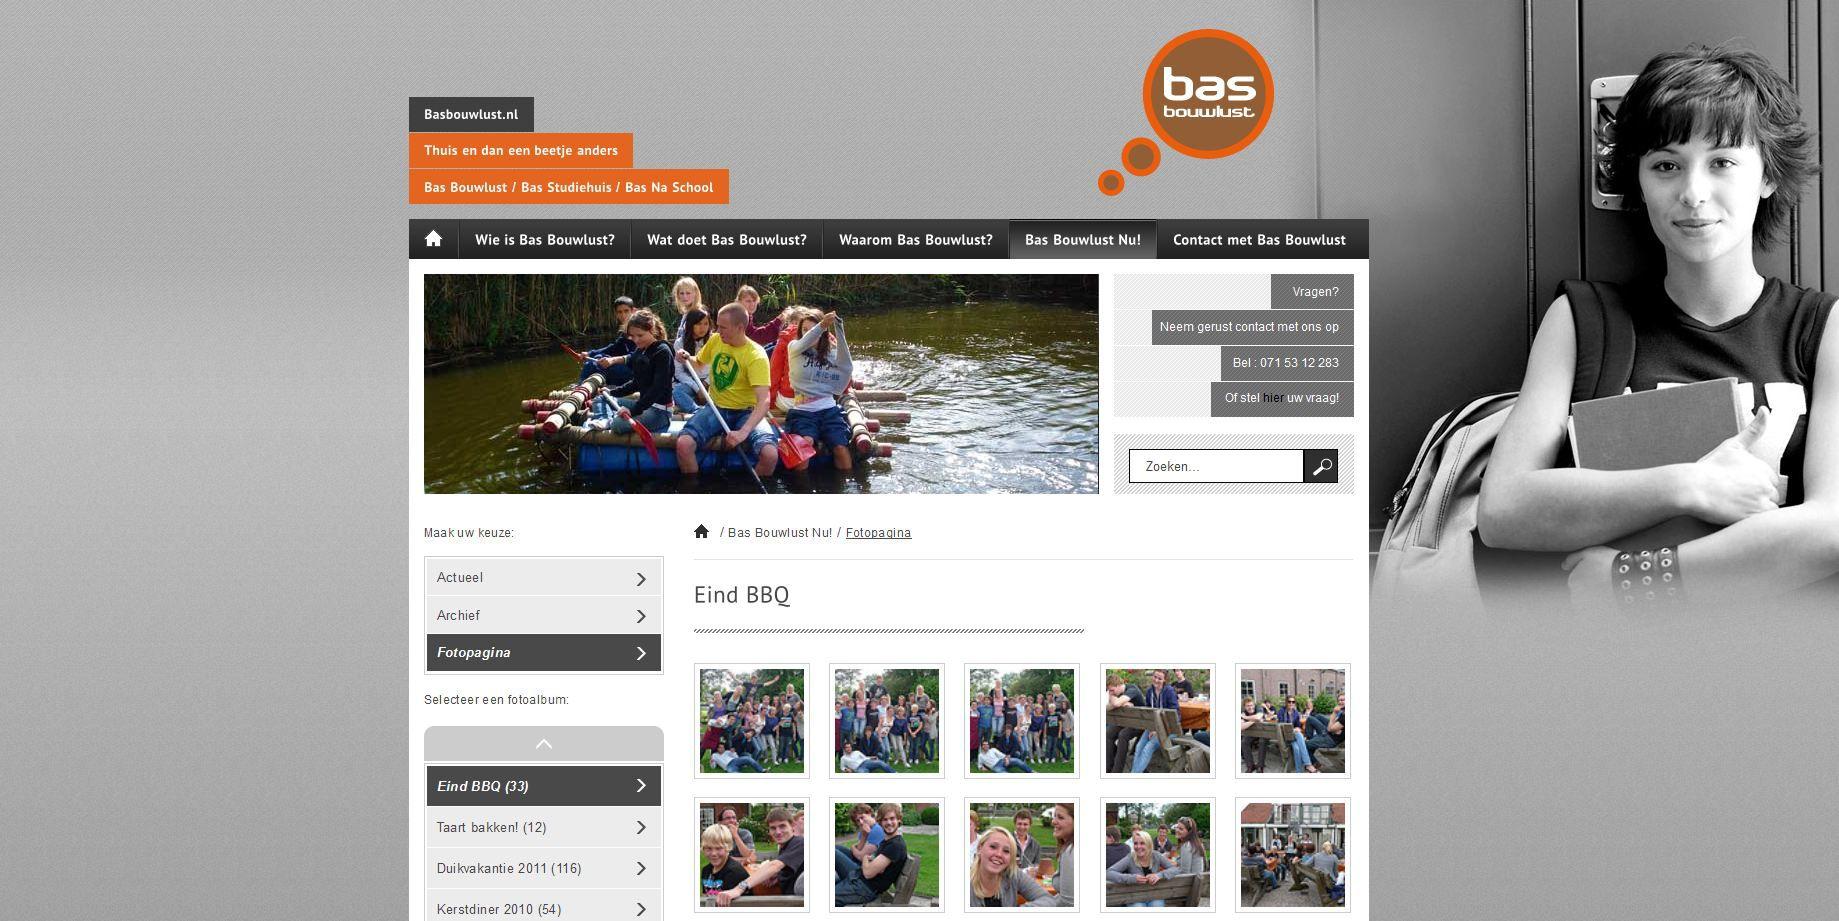 Op de fotopagina wordt gebruikt gemaakt van de Flickr pagina van BAS Bouwlust